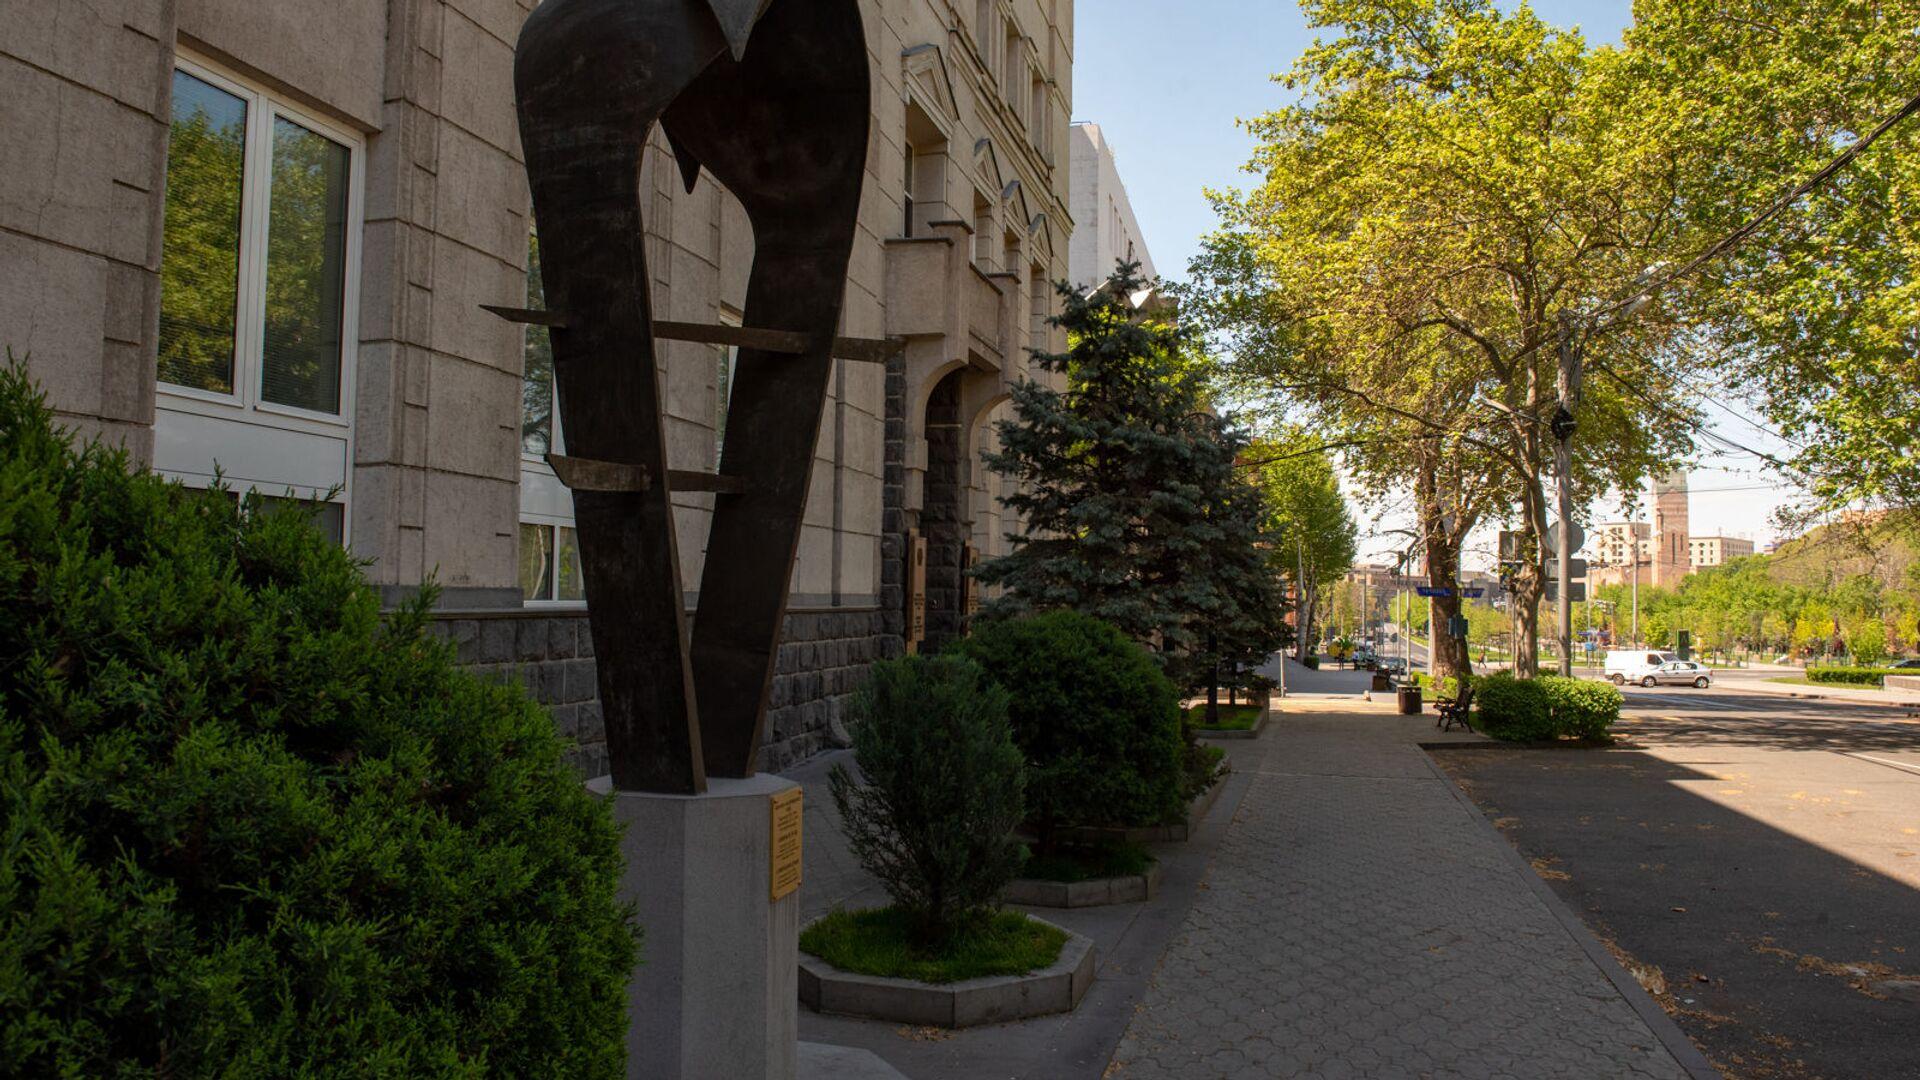 Скульптура армянскому драму перед зданием Центрального Банка Армении - Sputnik Армения, 1920, 14.10.2021